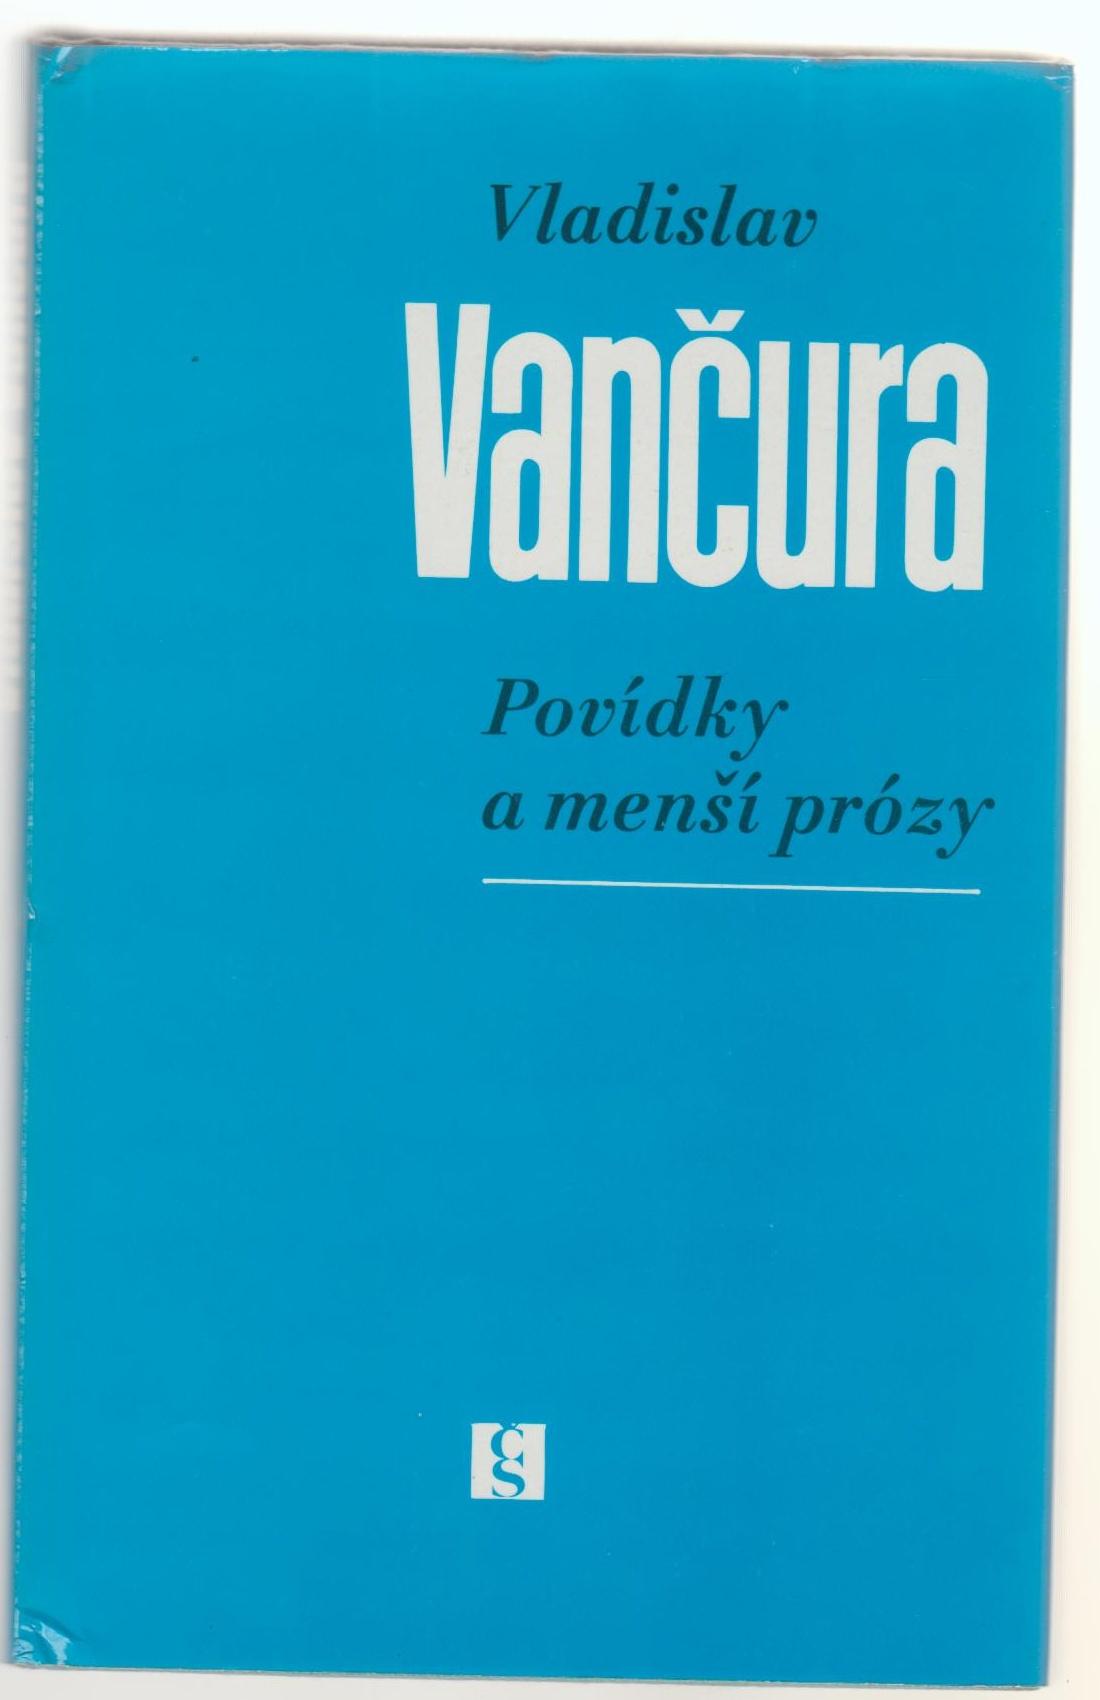 Povídky a menší prózy - Vladislav Vančura